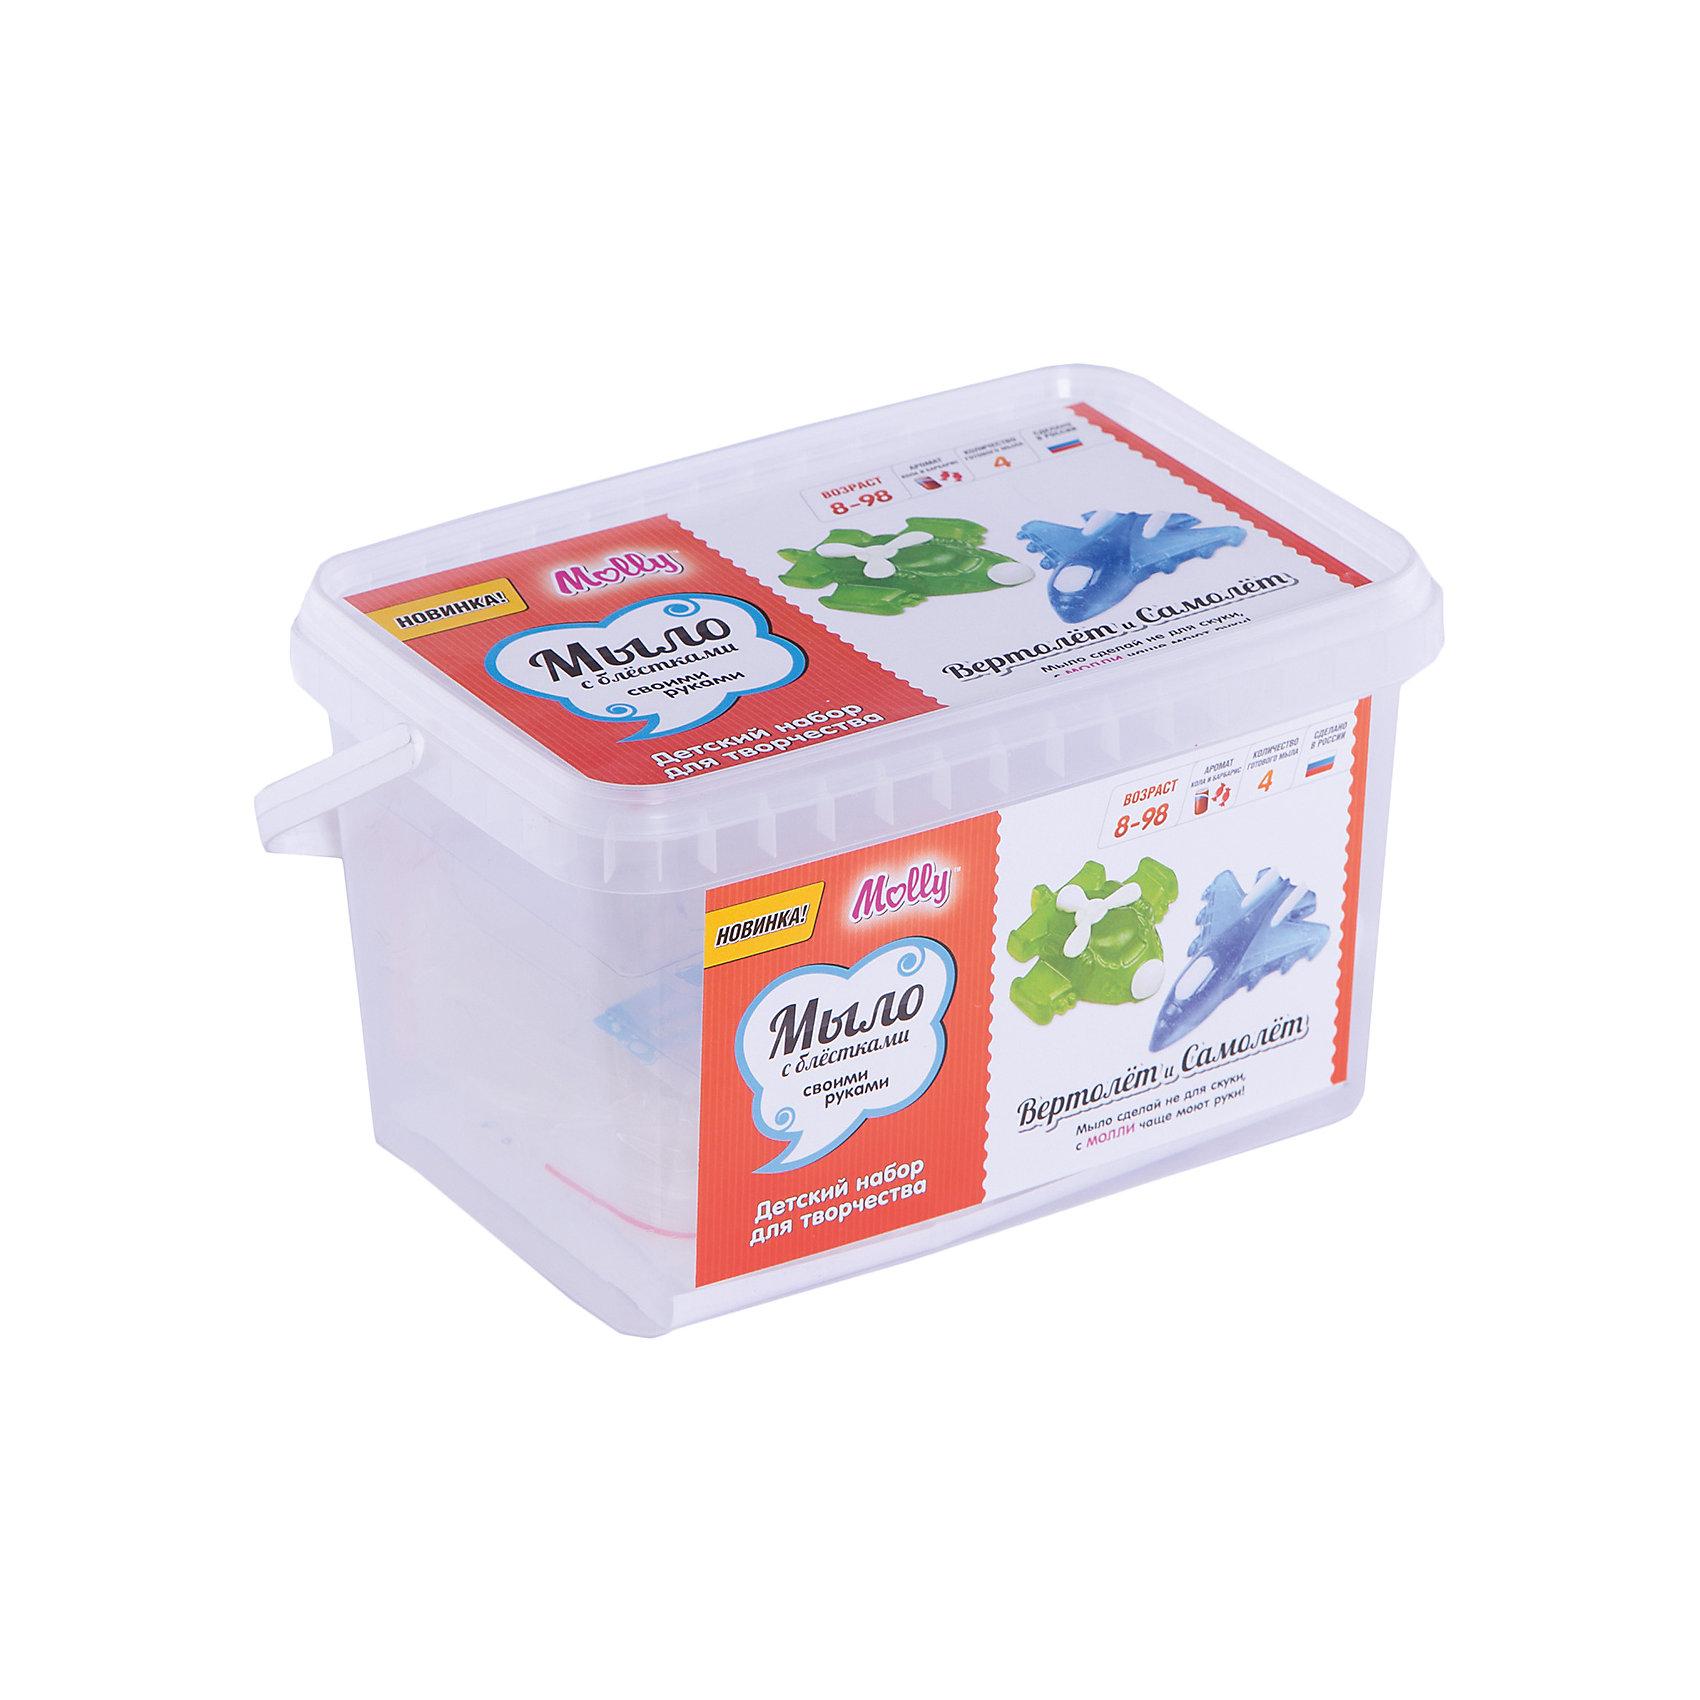 Мыло своими руками Вертолет и самолетСоздание мыла<br>Оригинальное тематическое мыло, которое можно создать своими руками. В состав набора входит: мыльная основа 200гр., 2 красителя, 2 ароматизатора, 2 формы для мыла, емкость для плавления мыльной основы, одноразовые перчатки и подробная инструкция.<br><br>Ширина мм: 20<br>Глубина мм: 13<br>Высота мм: 11<br>Вес г: 380<br>Возраст от месяцев: 96<br>Возраст до месяцев: 144<br>Пол: Унисекс<br>Возраст: Детский<br>SKU: 5115173